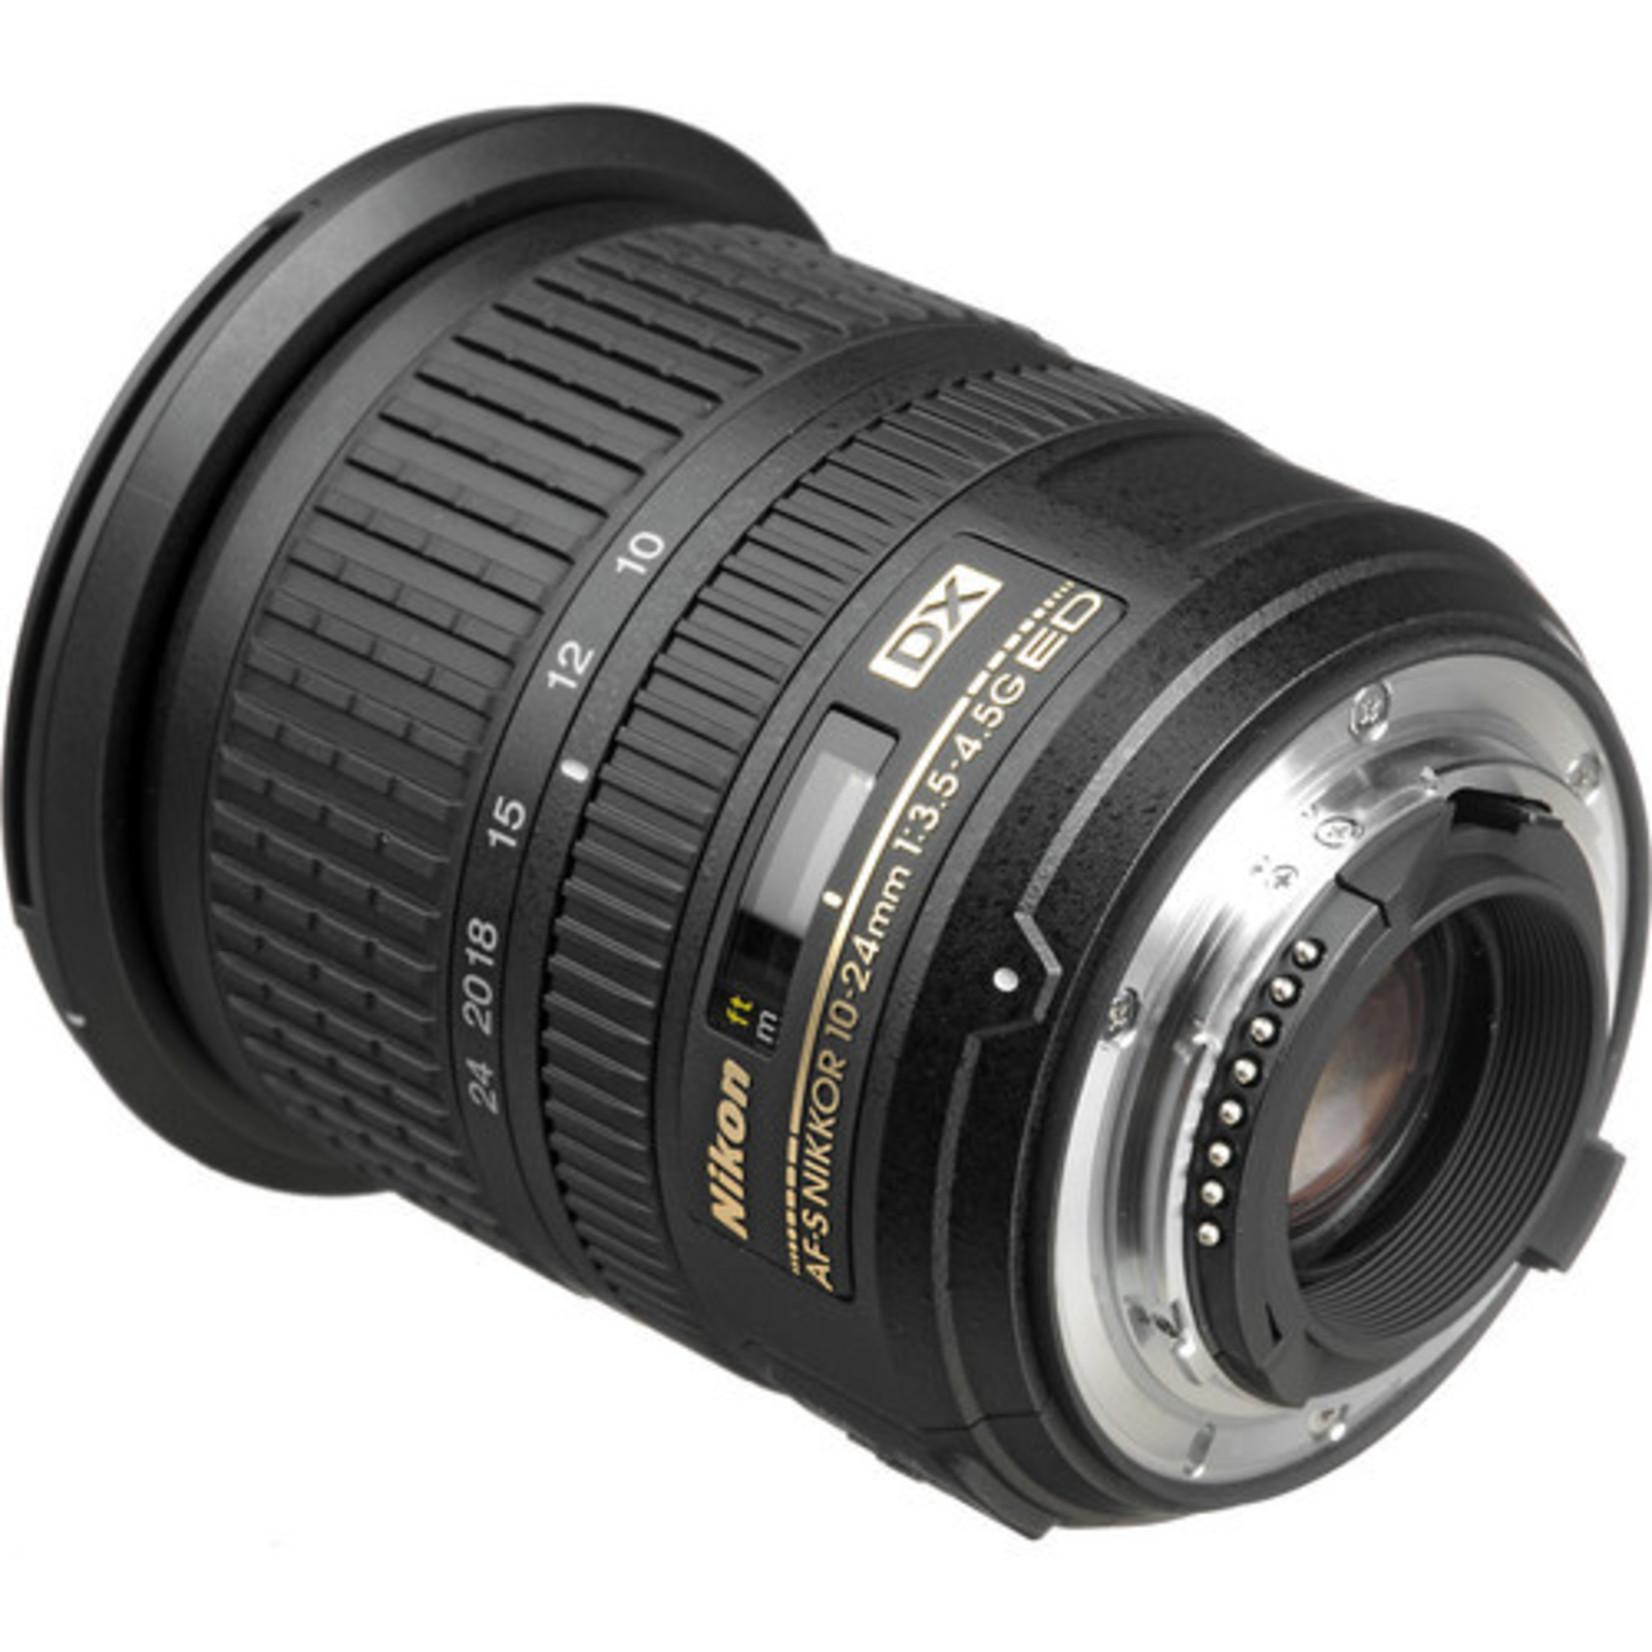 Nikon Nikon AF-S DX NIKKOR 10-24mm f/3.5-4.5G ED Lens